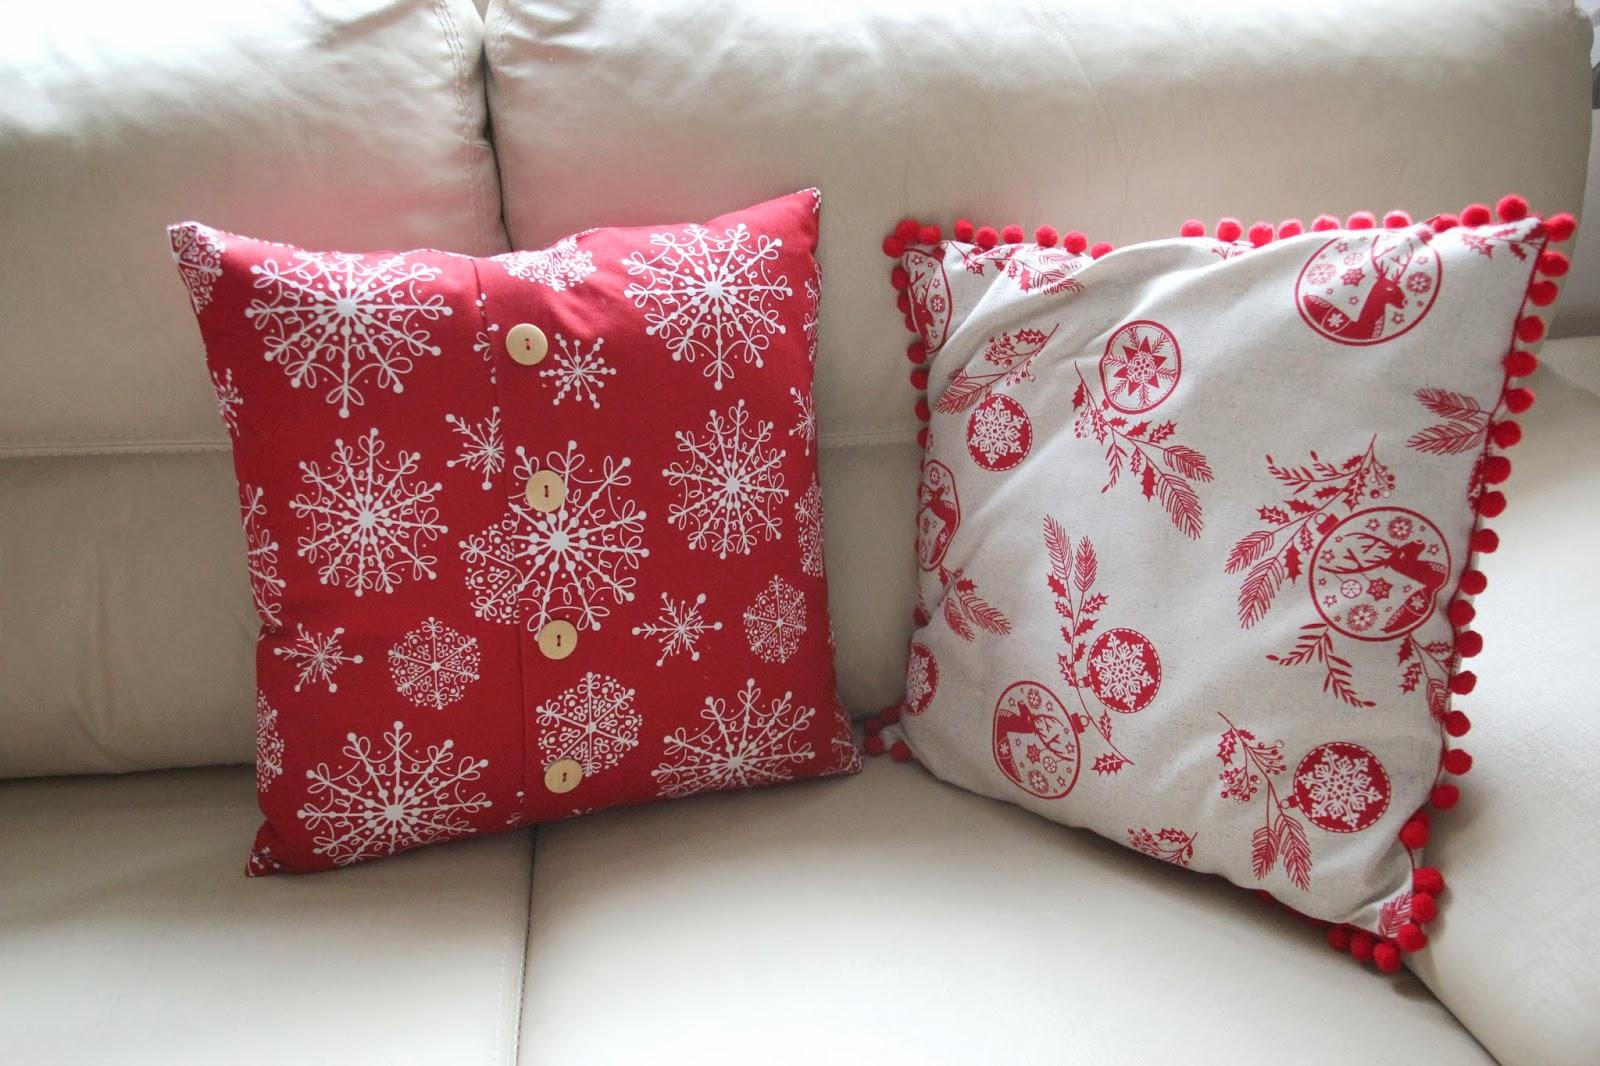 Diy navidad c mo hacer cojines para decorar tu casa en - Decoracion cojines ...